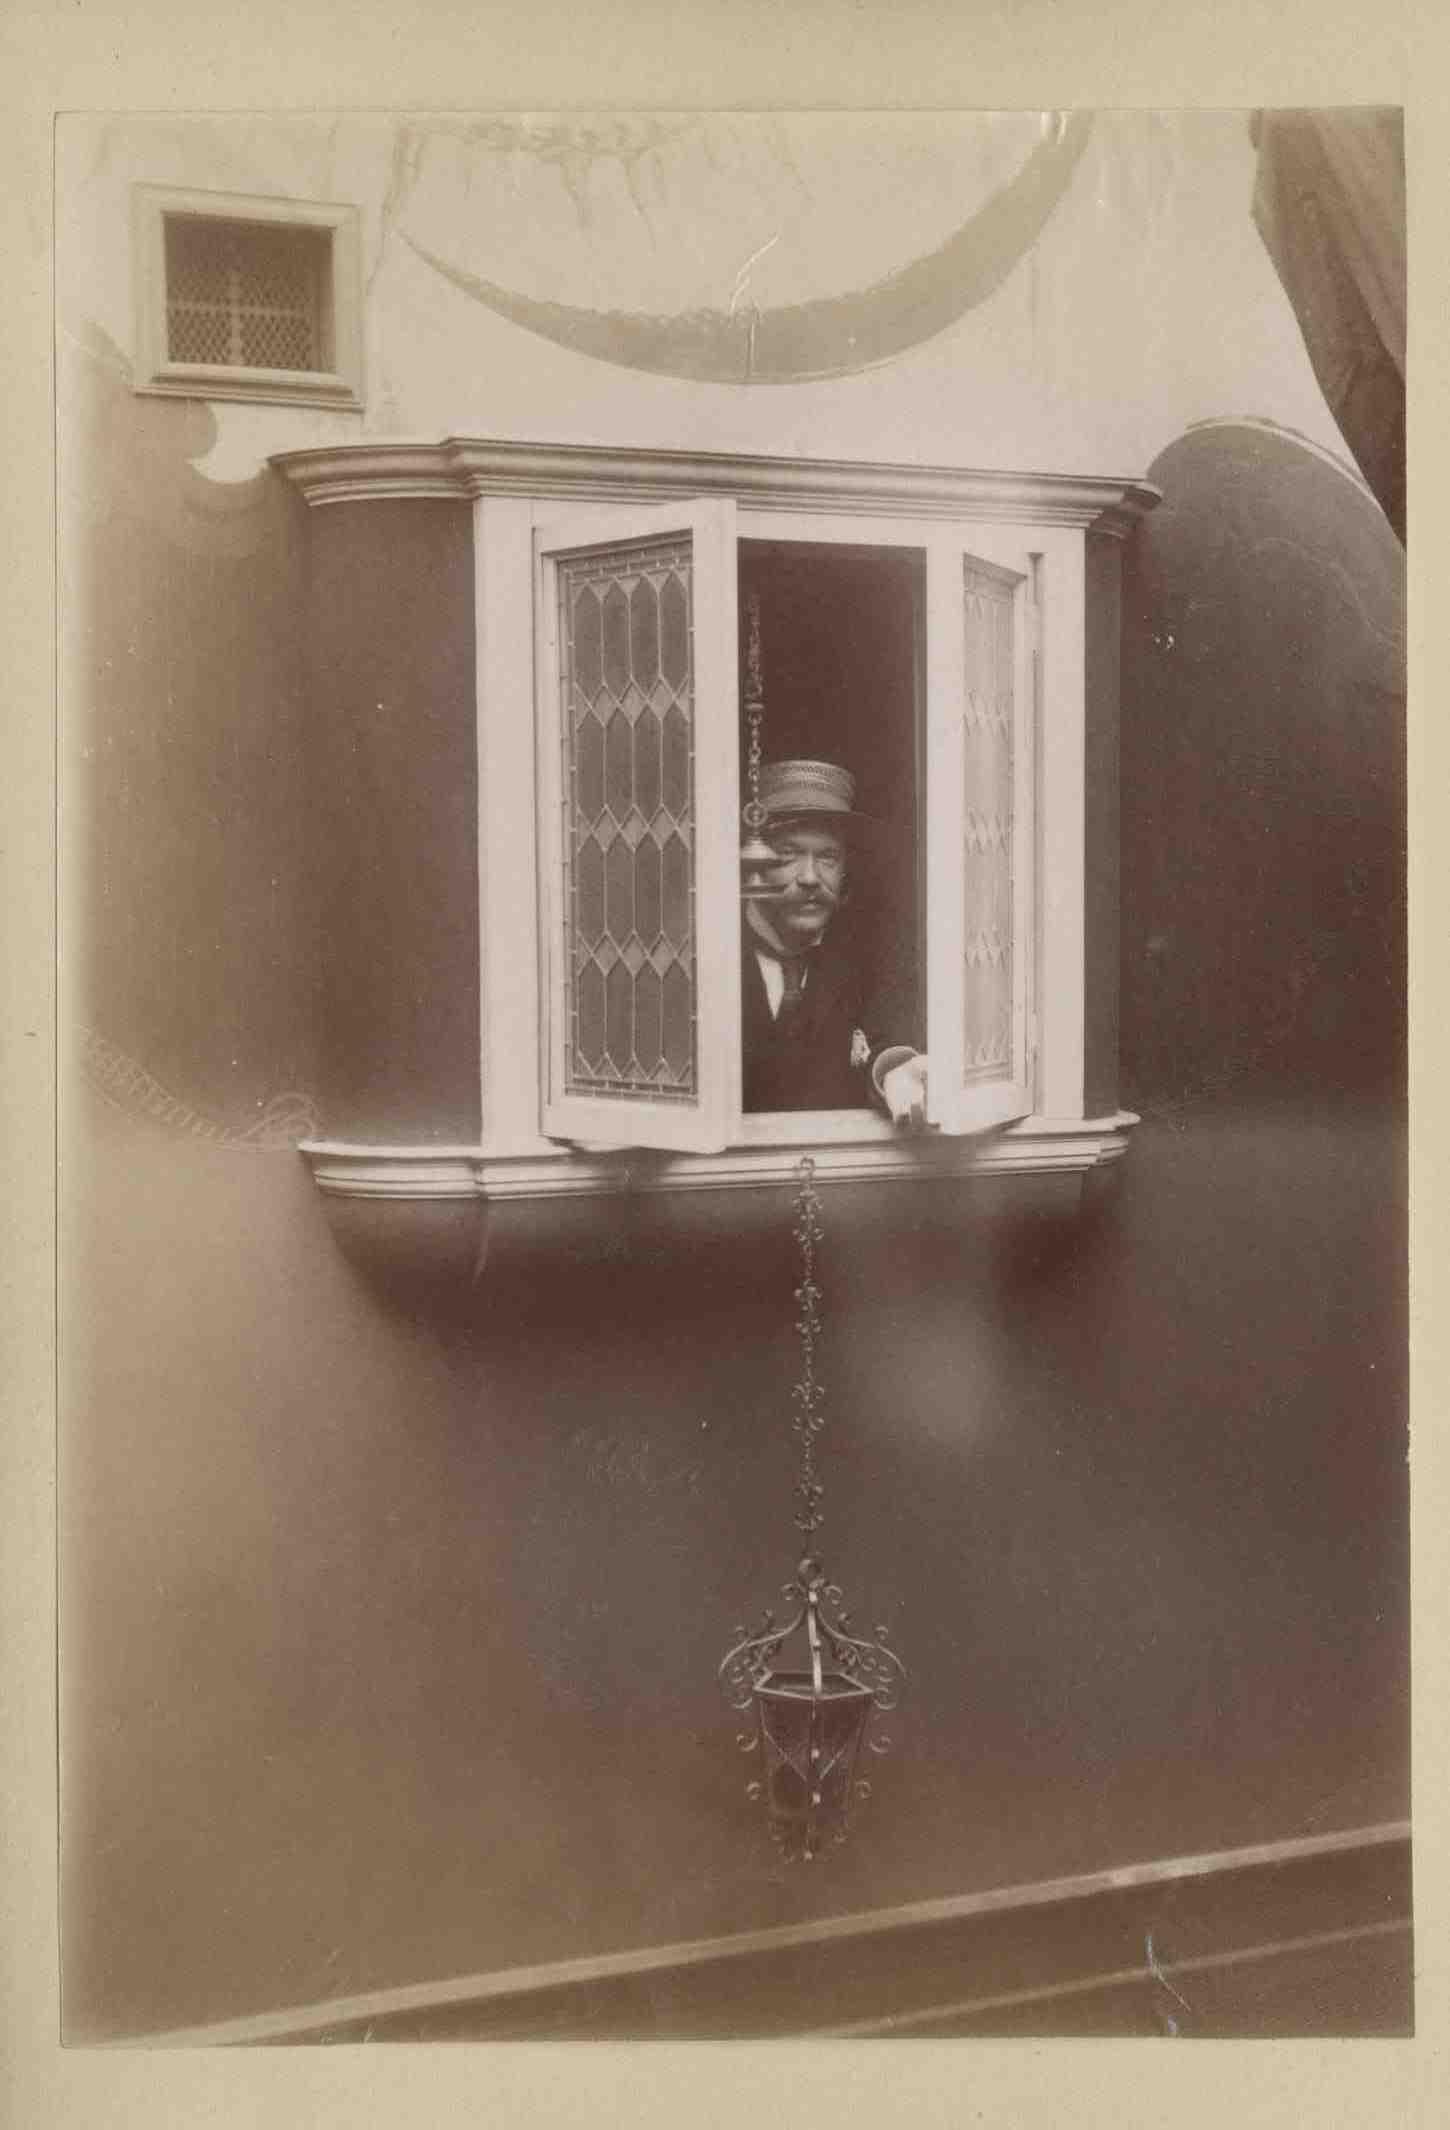 Joseph Paterson Ross in his studio?